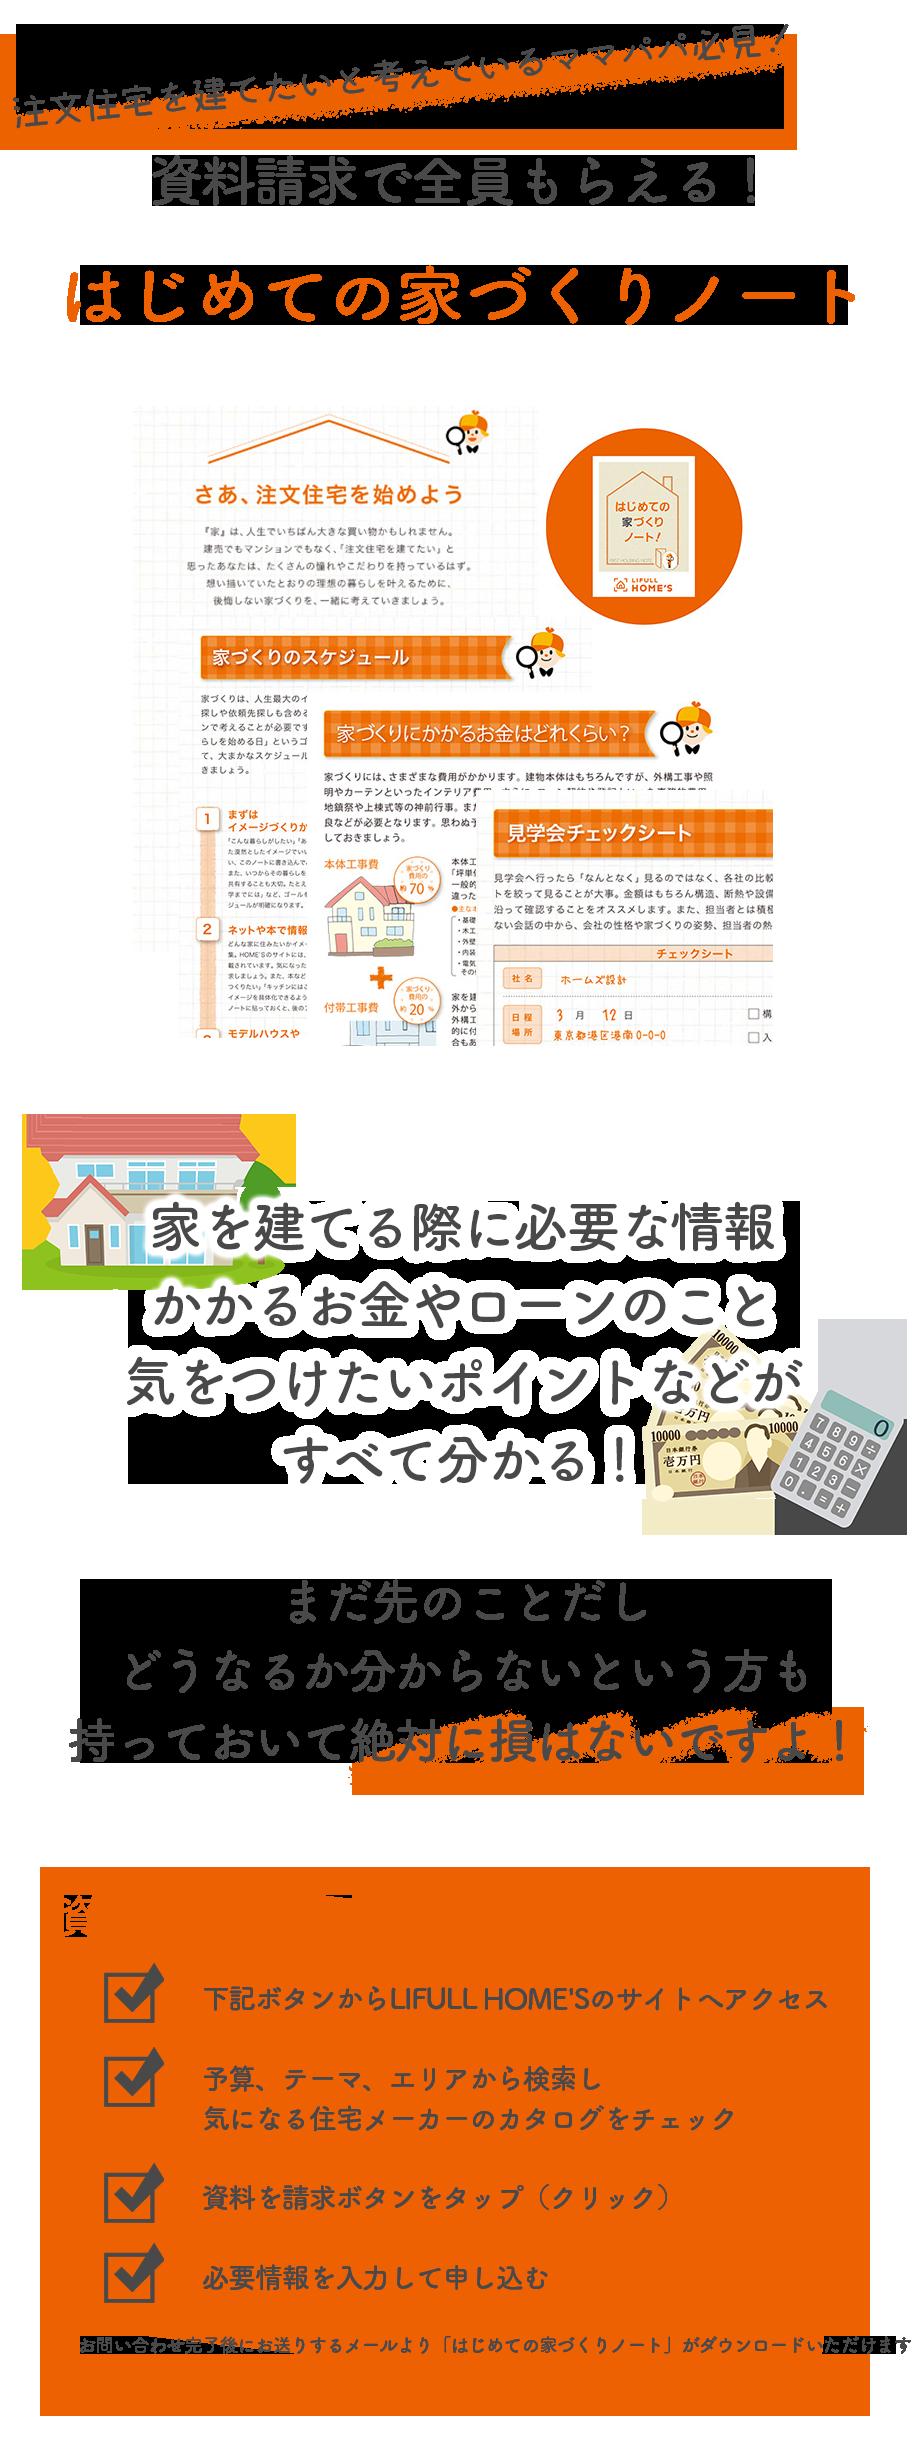 家づくりがわかる!土地選びやお金のことまで網羅した「はじめての家づくりノート」が資料請求で